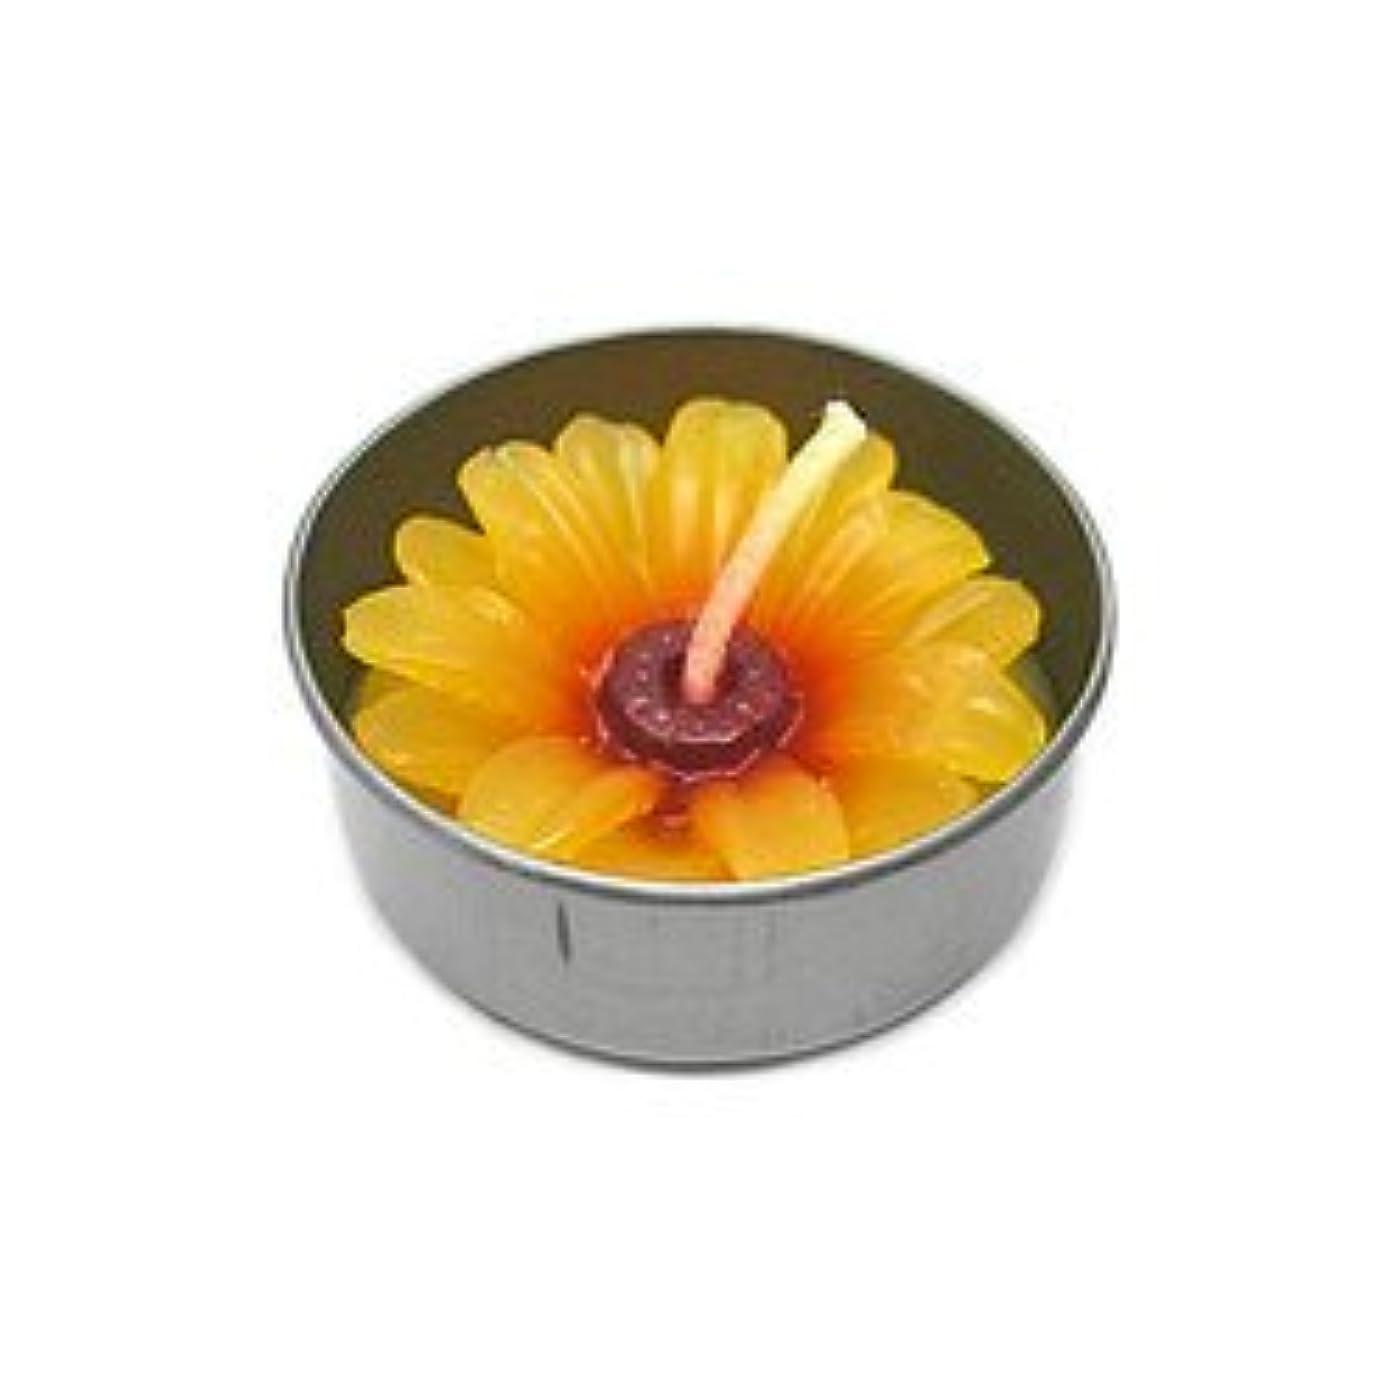 うそつきスマートありがたいアロマキャンドル  ミニ お花 薄オレンジ 鉄の器入り 器直径4cm アジアン雑貨